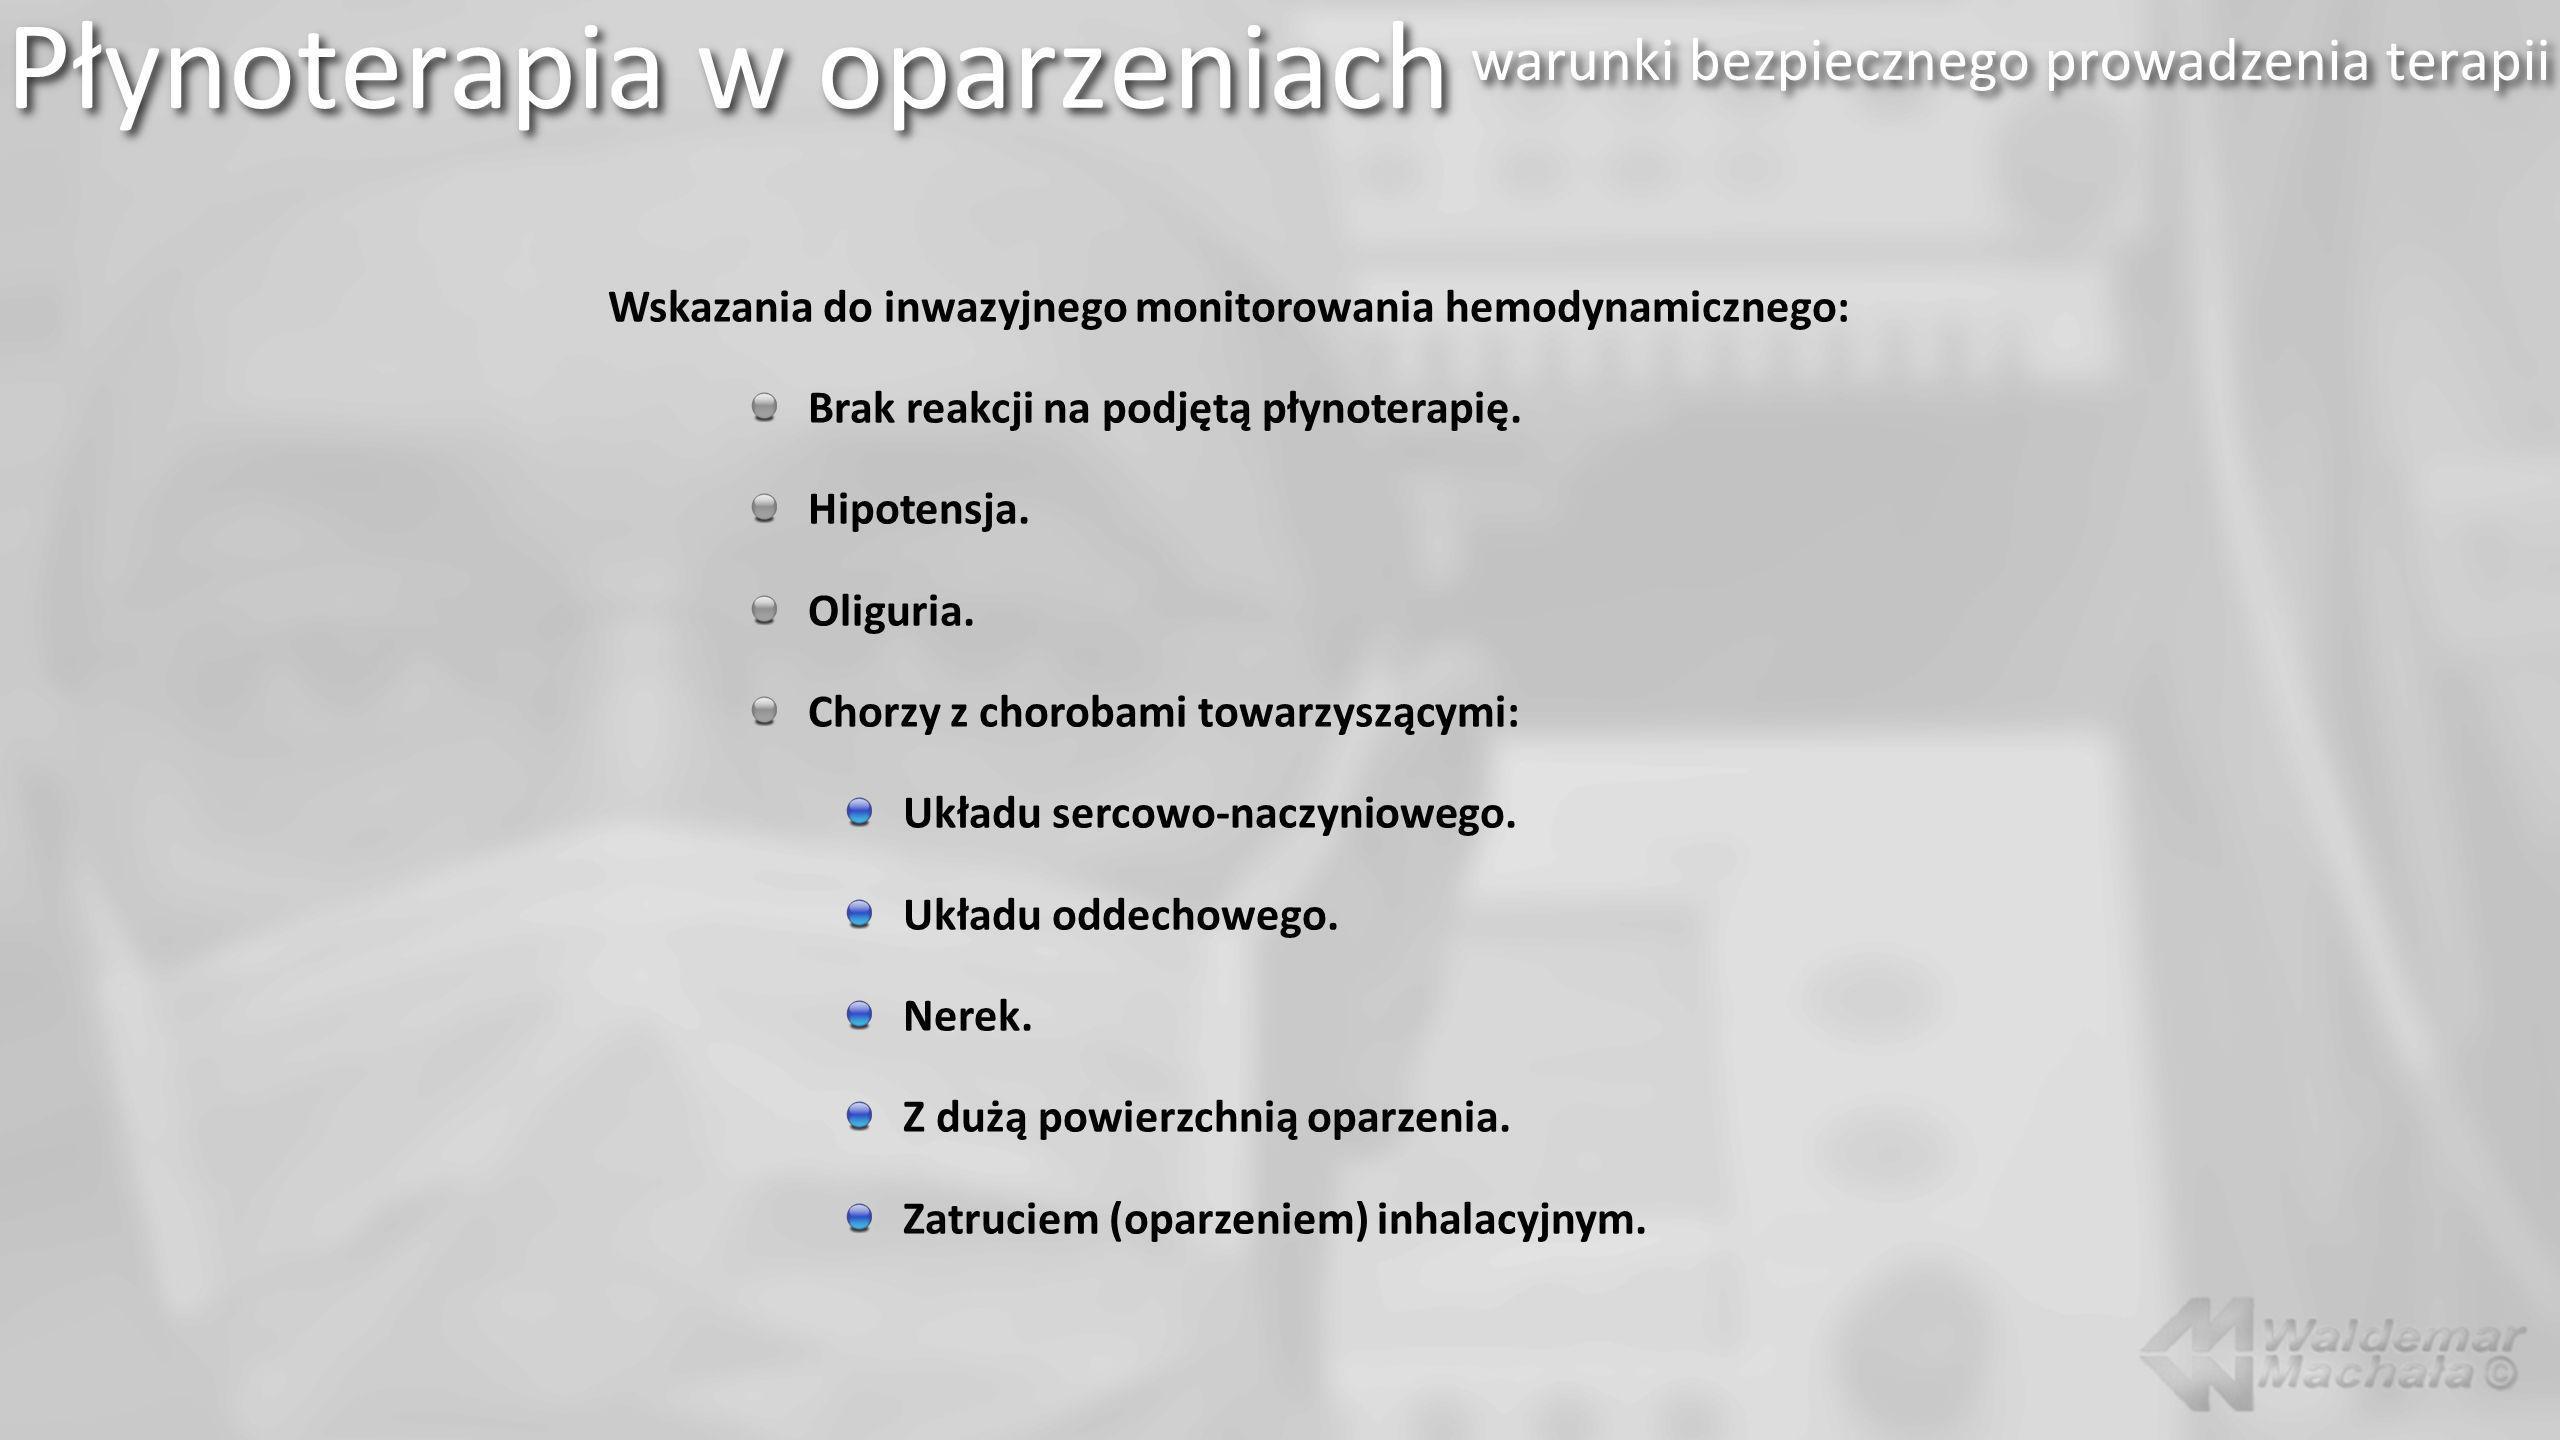 Wskazania do inwazyjnego monitorowania hemodynamicznego: Brak reakcji na podjętą płynoterapię. Hipotensja. Oliguria. Chorzy z chorobami towarzyszącymi